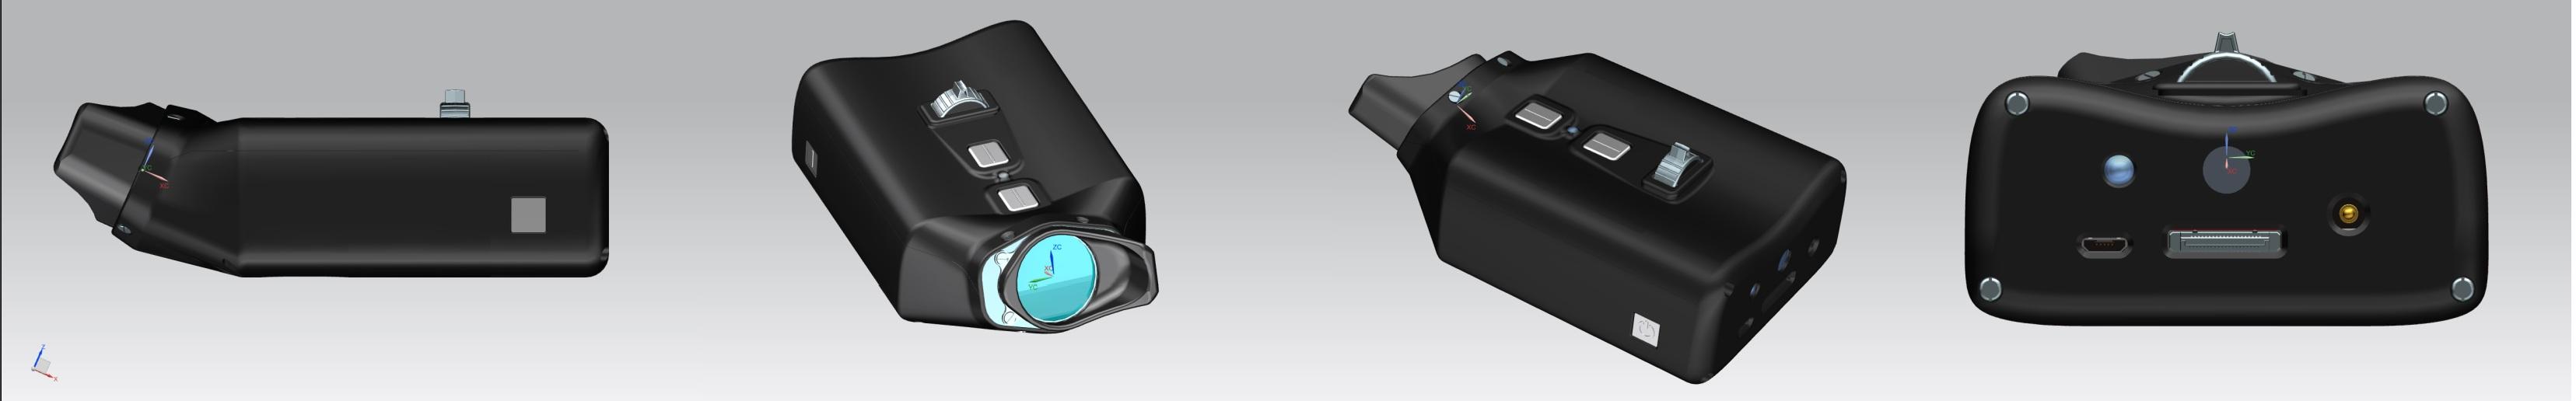 Das VoiSee wird von alle Richtungen in der Farbe schwarz dargestellt.